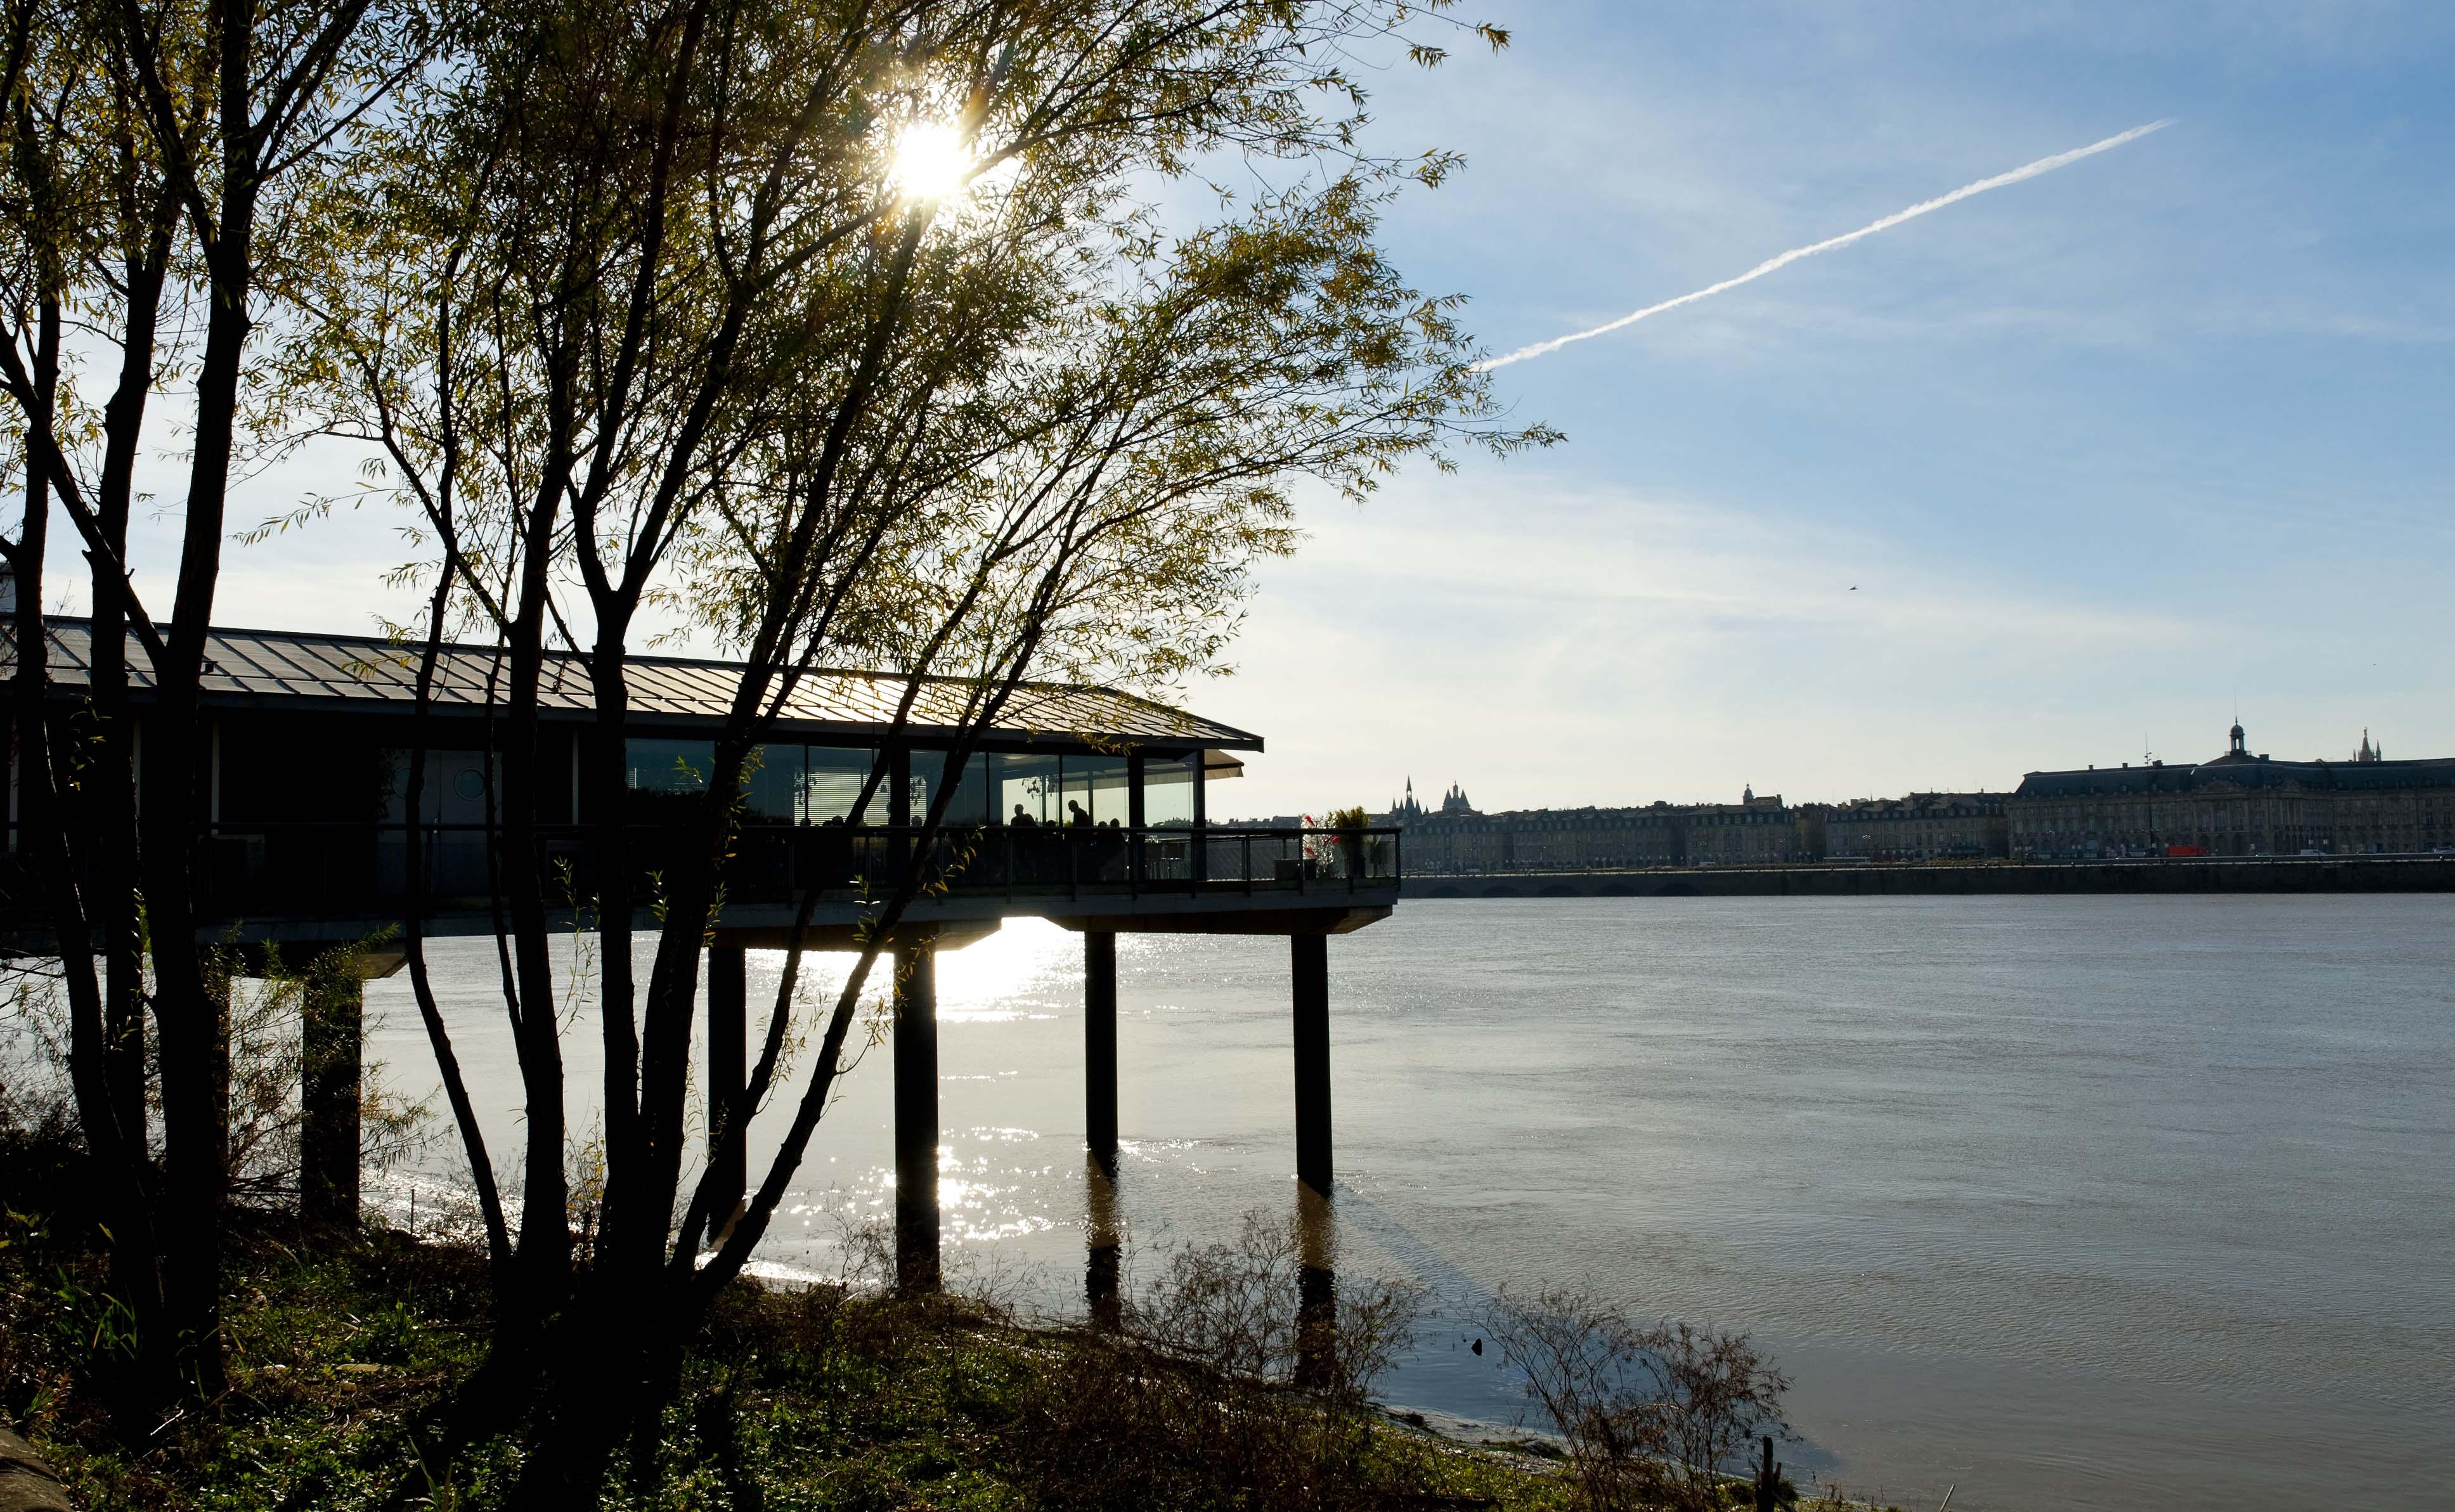 Bordeaux Quais rive droite_JF14086